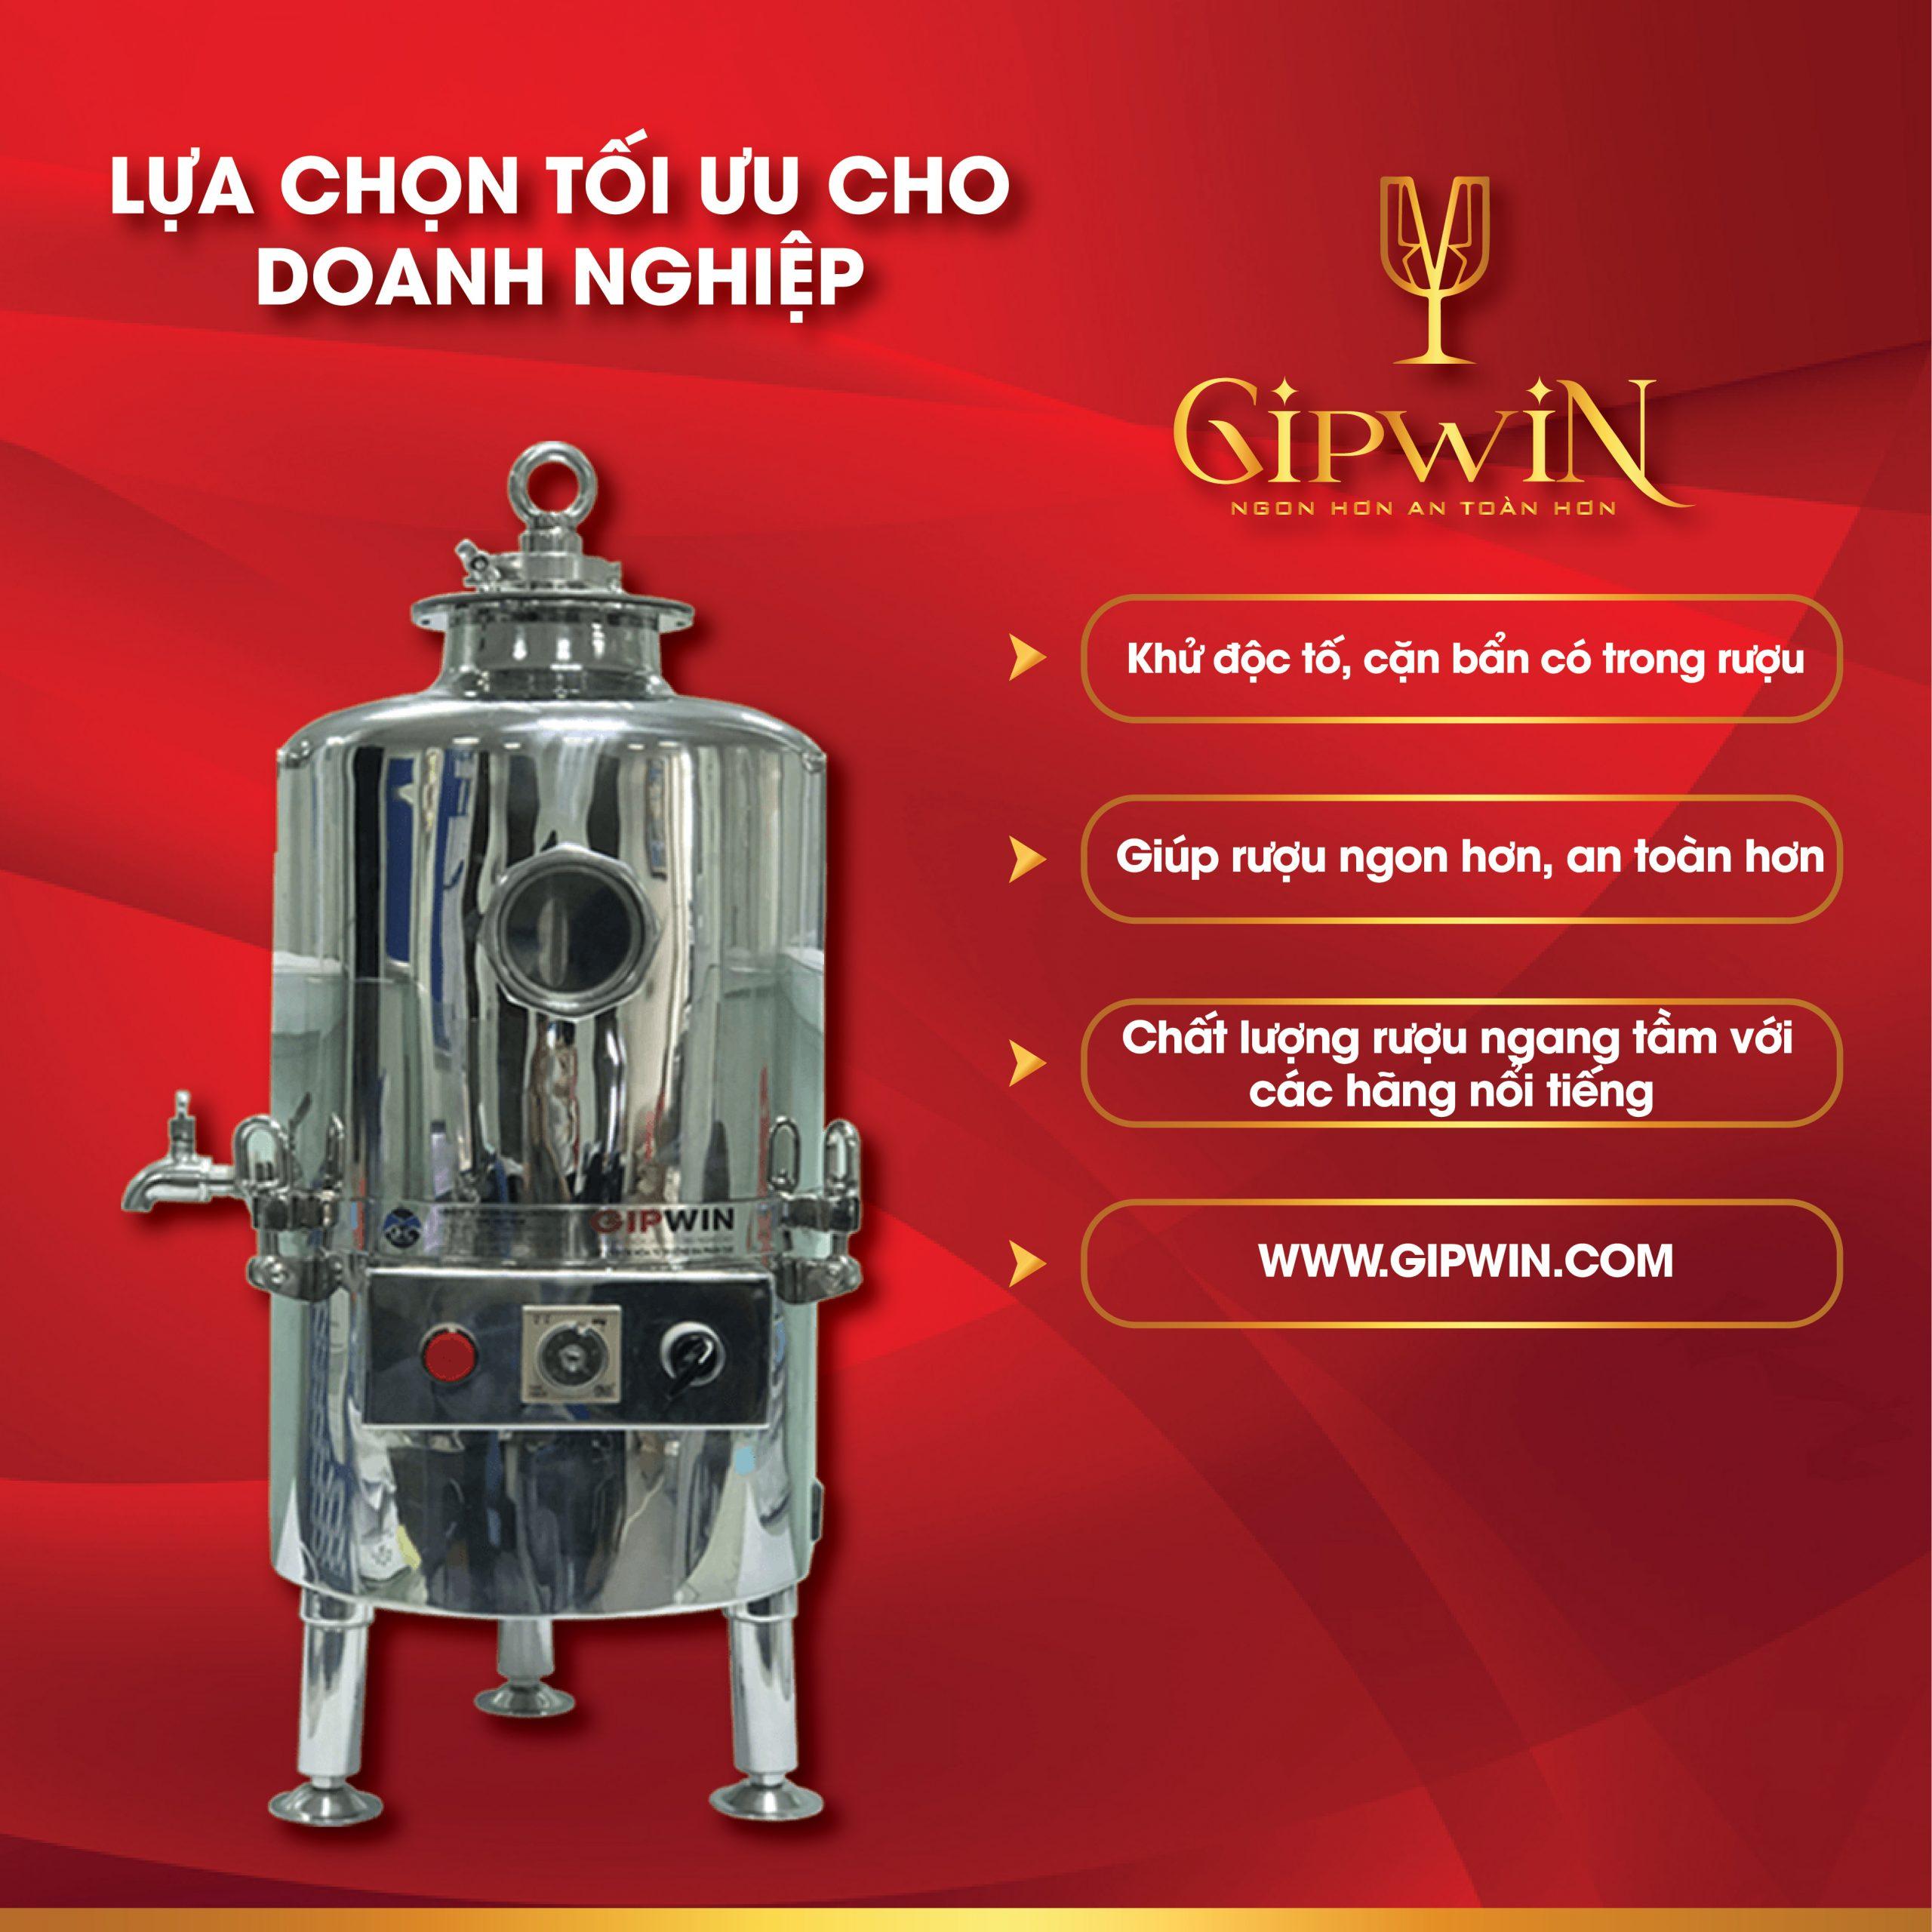 Máy lão hóa rượu Gipwin lựa chọn hàng đầu củ người tiêu dùng và doanh nghiệp.